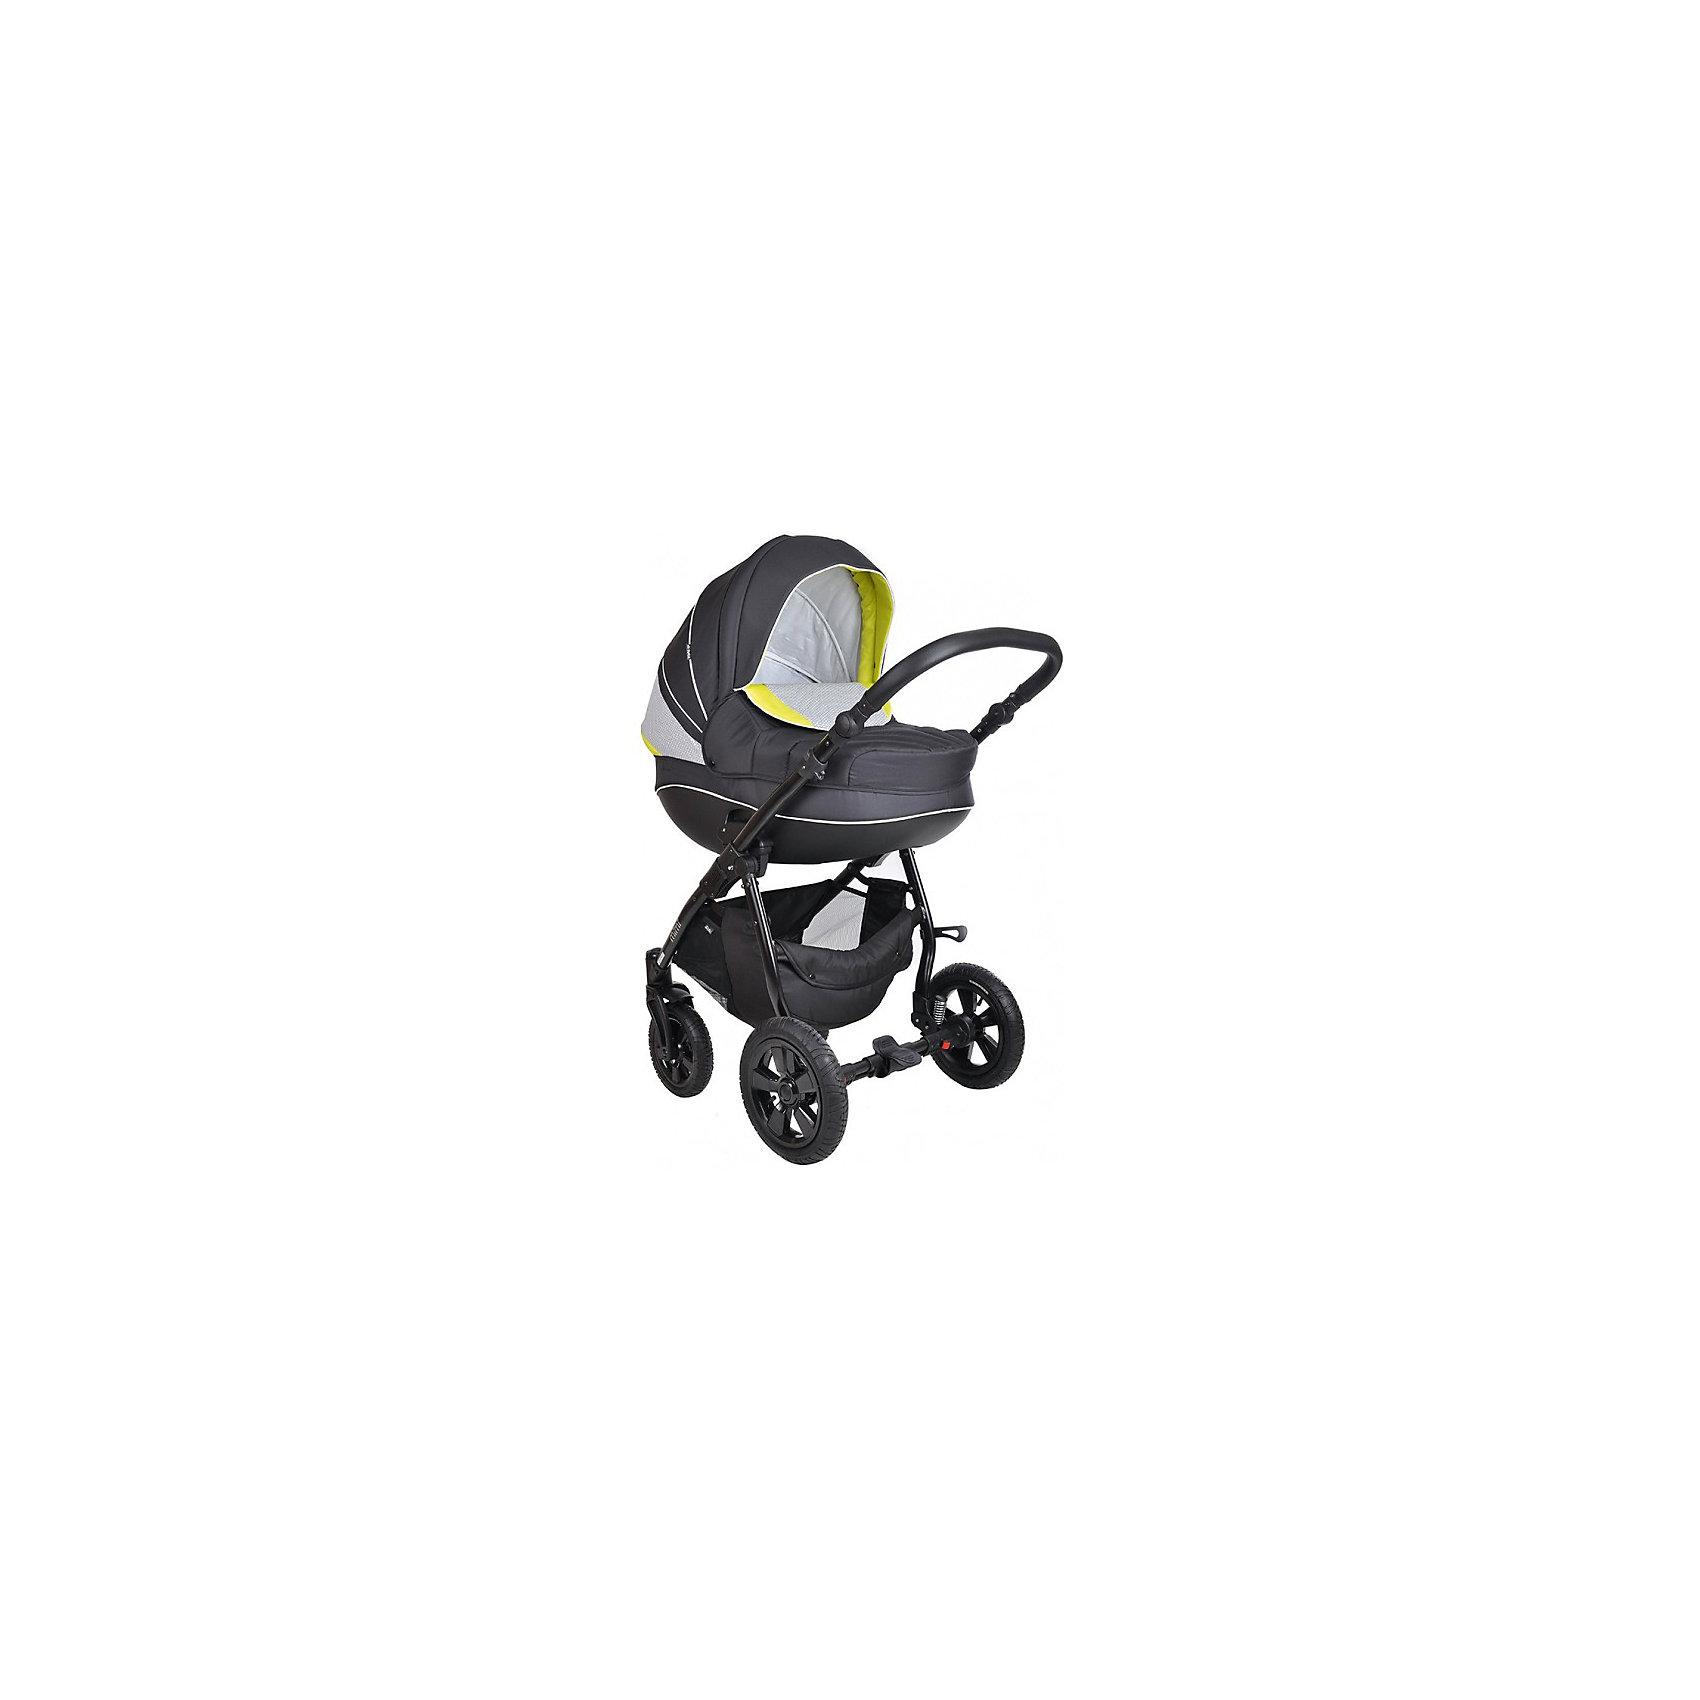 Коляска 2 в 1 MIMI Plus, Tutis, черный/лайм/орнаментКоляска 2 в 1 MIMI Plus, Tutis, черный/лайм/орнамент -это отличный и безопасный вариант для первых прогулок вашего малыша. Прогулочный блок устанавливается в двух направлениях. А с регулируемой спинкой вашему малышу будет ещё комфортнее и уютнее. Также регулируется и подножка по высоте. Для удобства родителям ручка регулируется по высоте, а передние колёса - поворотные, с  возможностью и фиксации. Для изготовления коляски используется специально сотканная прочная, но нежная хлопчатобумажная ткань, а особая технология SILVER PLUS обеспечивает дополнительную защиту от микробов и аллергенов.<br>  Общая характеристика:<br>-Цвет:  черный/лайм/орнамент<br>-Вес: 4,95 кг - люлька<br>          5,25 кг - прогулочный блок<br>-Размер: 89 х 60 х 38 см (Ш х Д х В)<br>-Складывается книжкой<br>-Капюшон с панорамным окошком<br>-Пятиточечные ремни безопасности<br>-Два чехла на ноги( на люльки, на прогулочный блок)<br>-Дождевик<br>-Противомоскитная сетка<br>-Подвесная сумка<br><br>Дополнительная информация:<br>-Бренд: Tutis(тутис) Литва<br><br>Коляску 2 в 1 MIMI Plus, Tutis, черный/лайм/орнамент вы можете приобрести в нашем интернет- магазине.<br><br>Ширина мм: 890<br>Глубина мм: 600<br>Высота мм: 380<br>Вес г: 22400<br>Возраст от месяцев: 0<br>Возраст до месяцев: 36<br>Пол: Унисекс<br>Возраст: Детский<br>SKU: 5012363